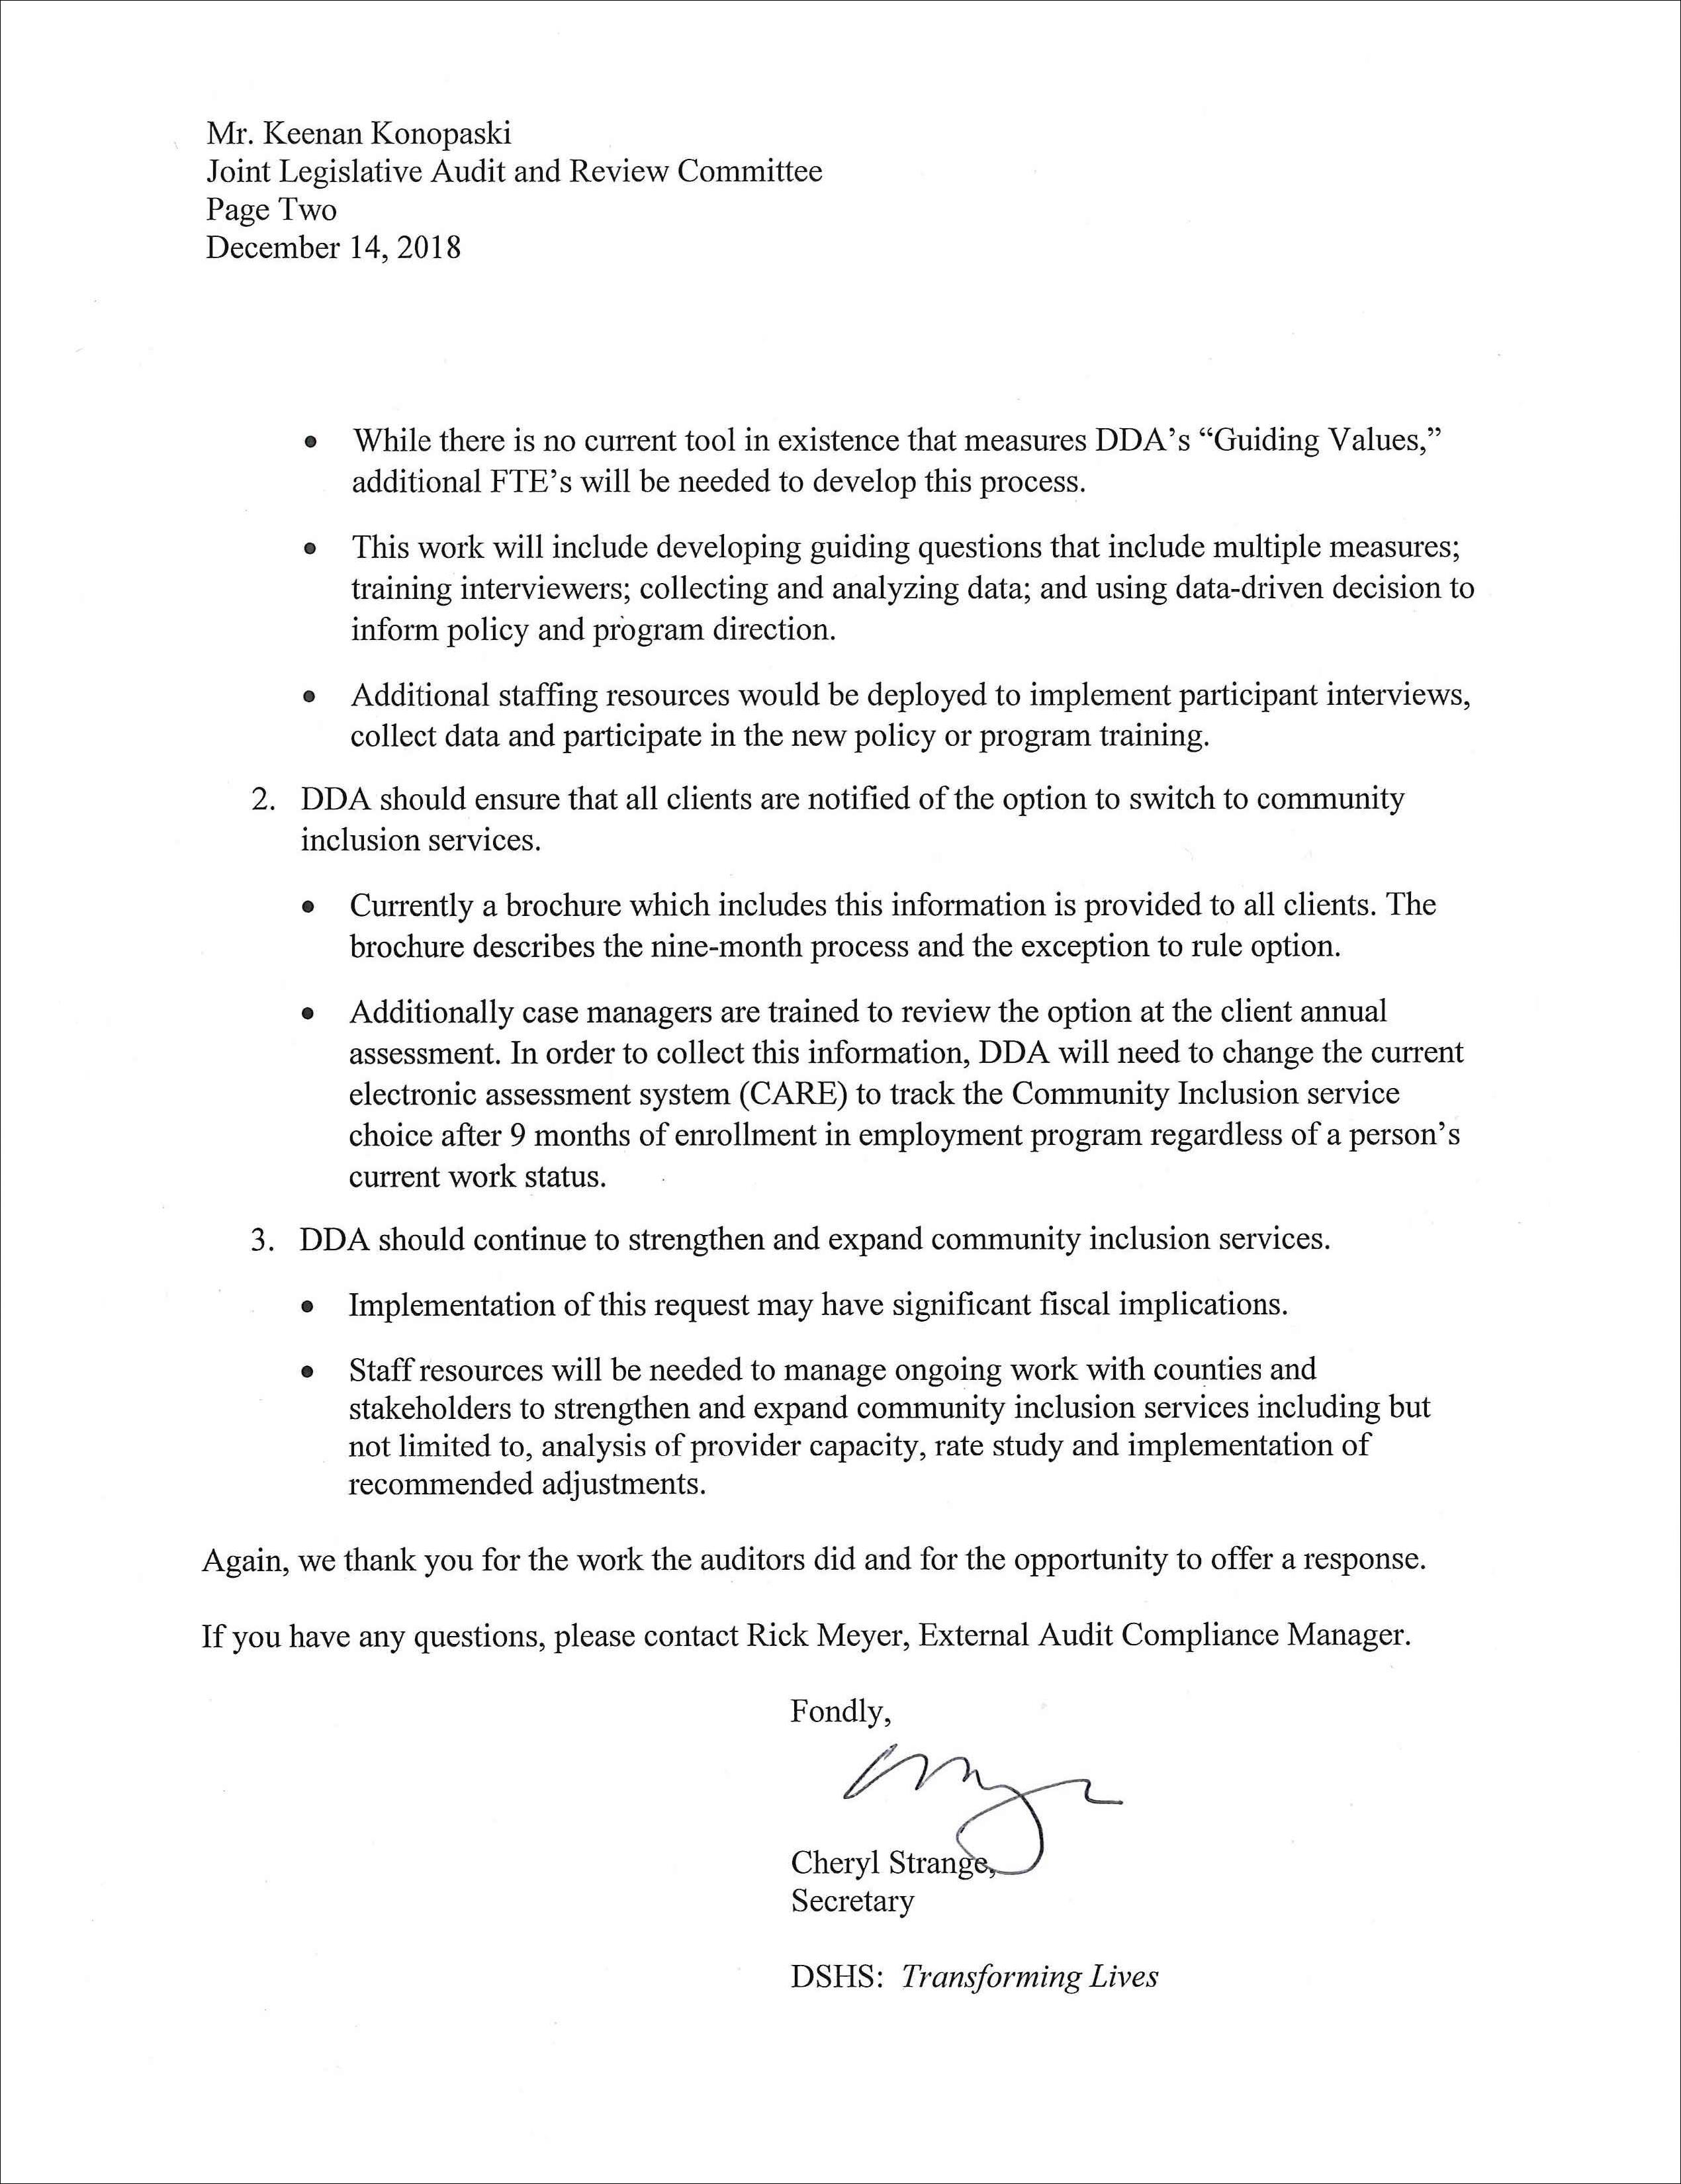 Letter of response from DSHS.